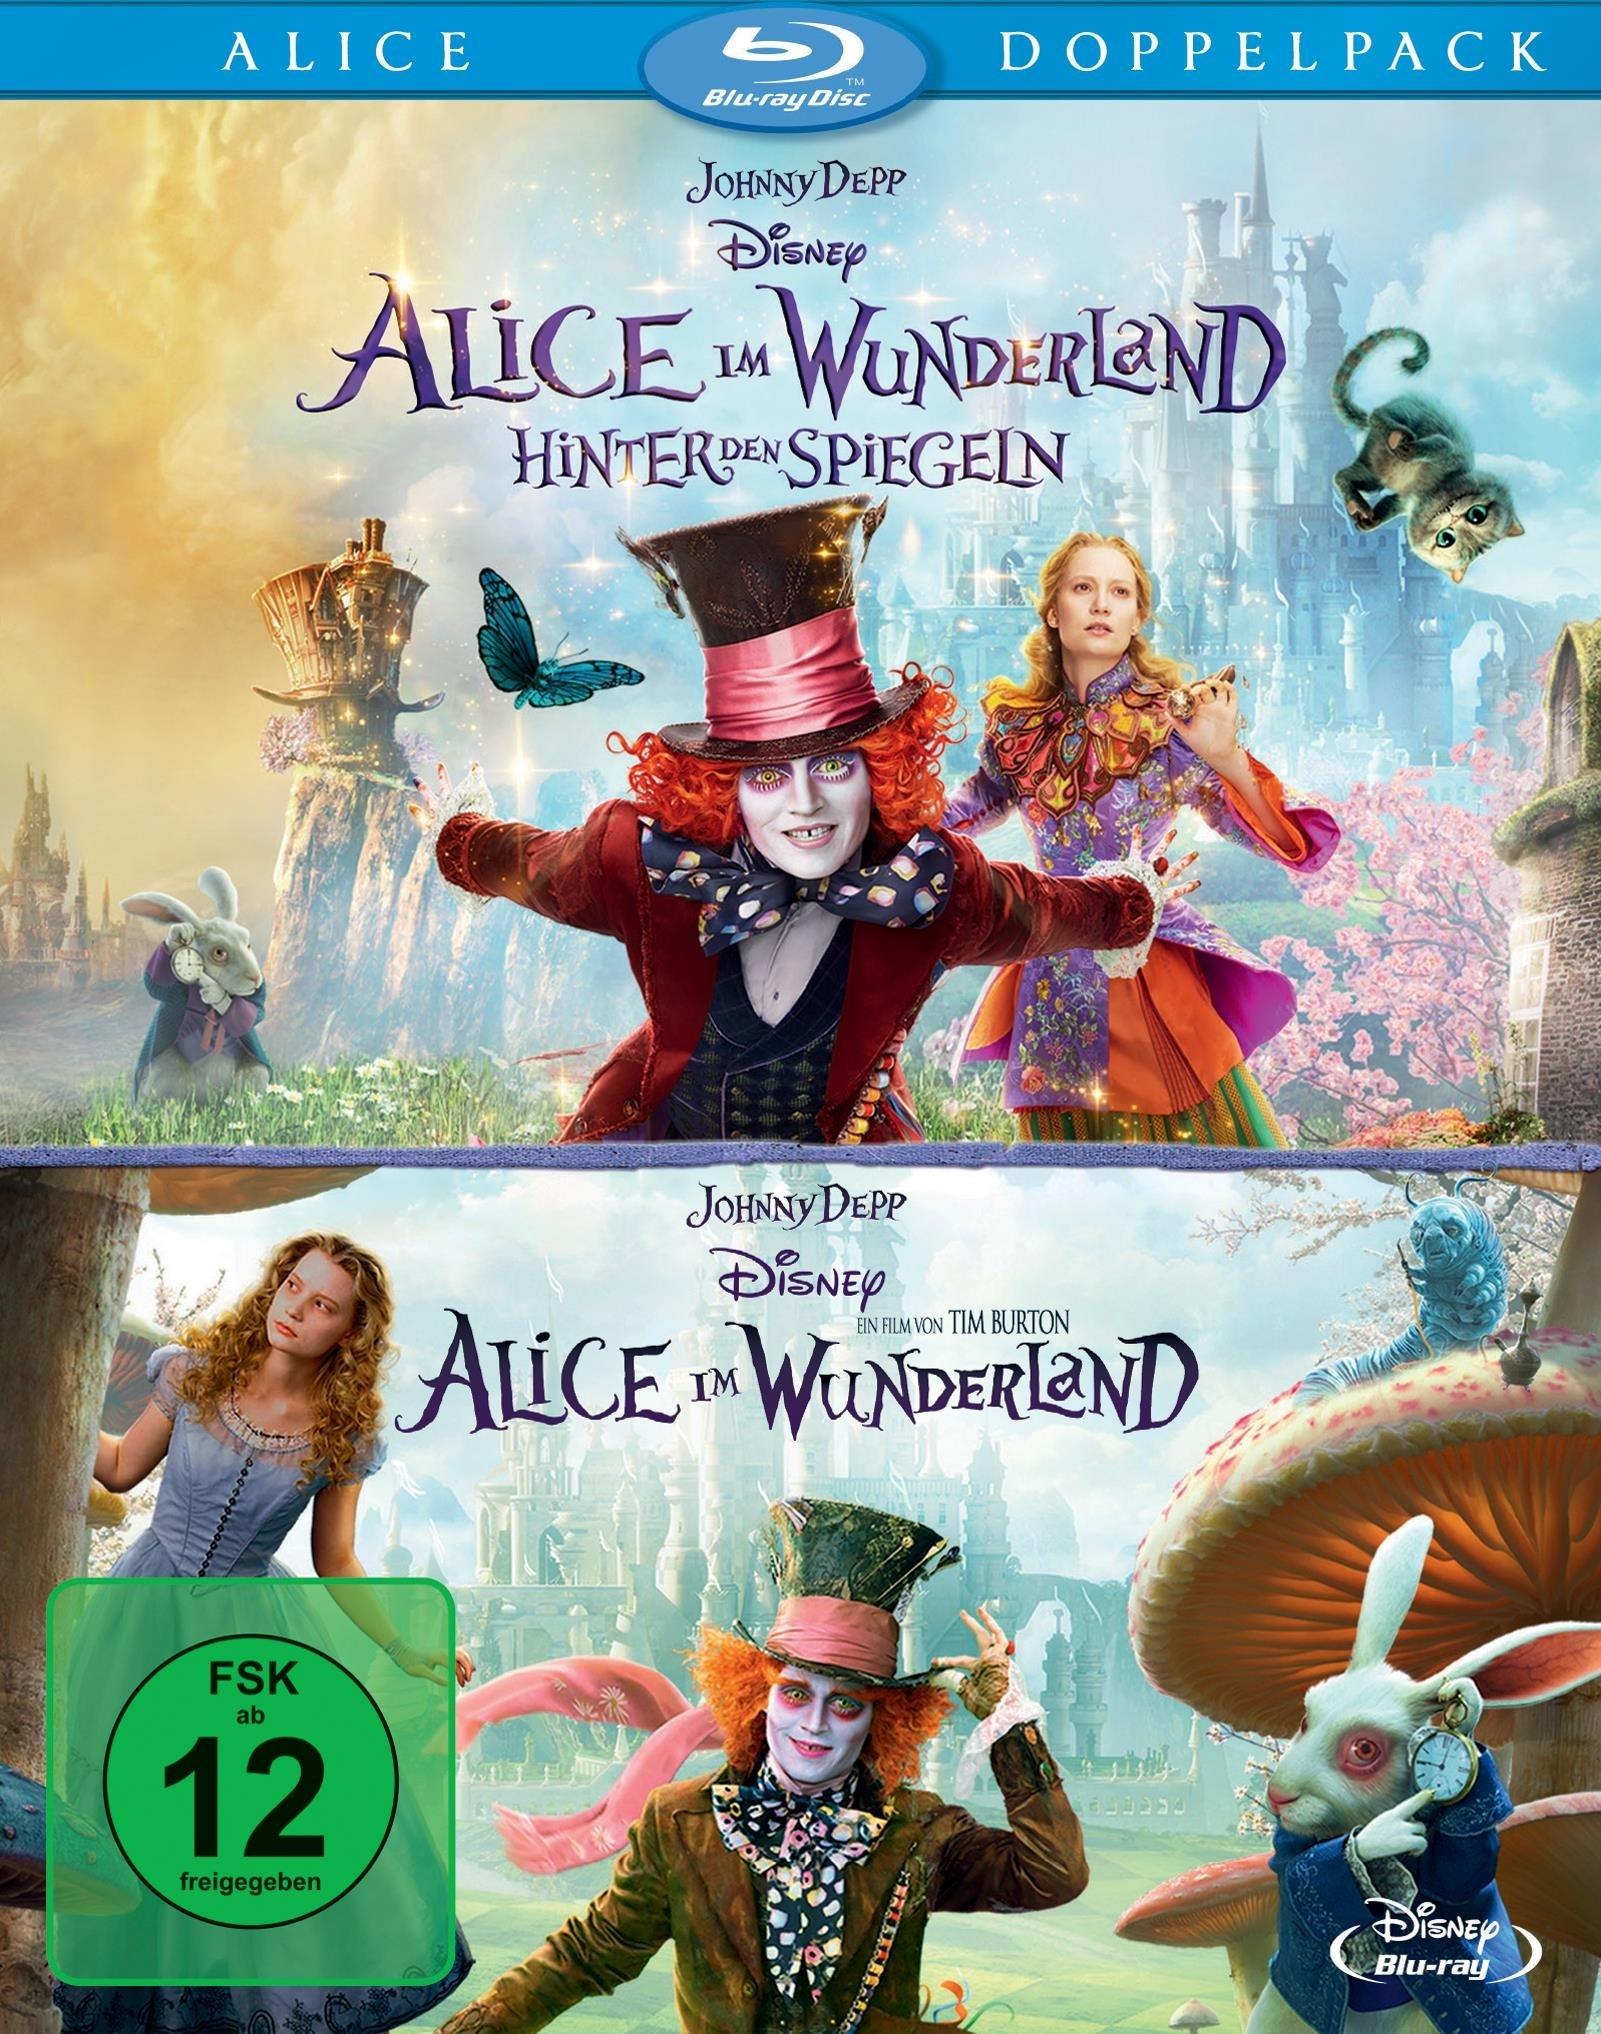 Image of Alice im Wunderland + Alice im Wunderland 2: Hinter den Spiegeln